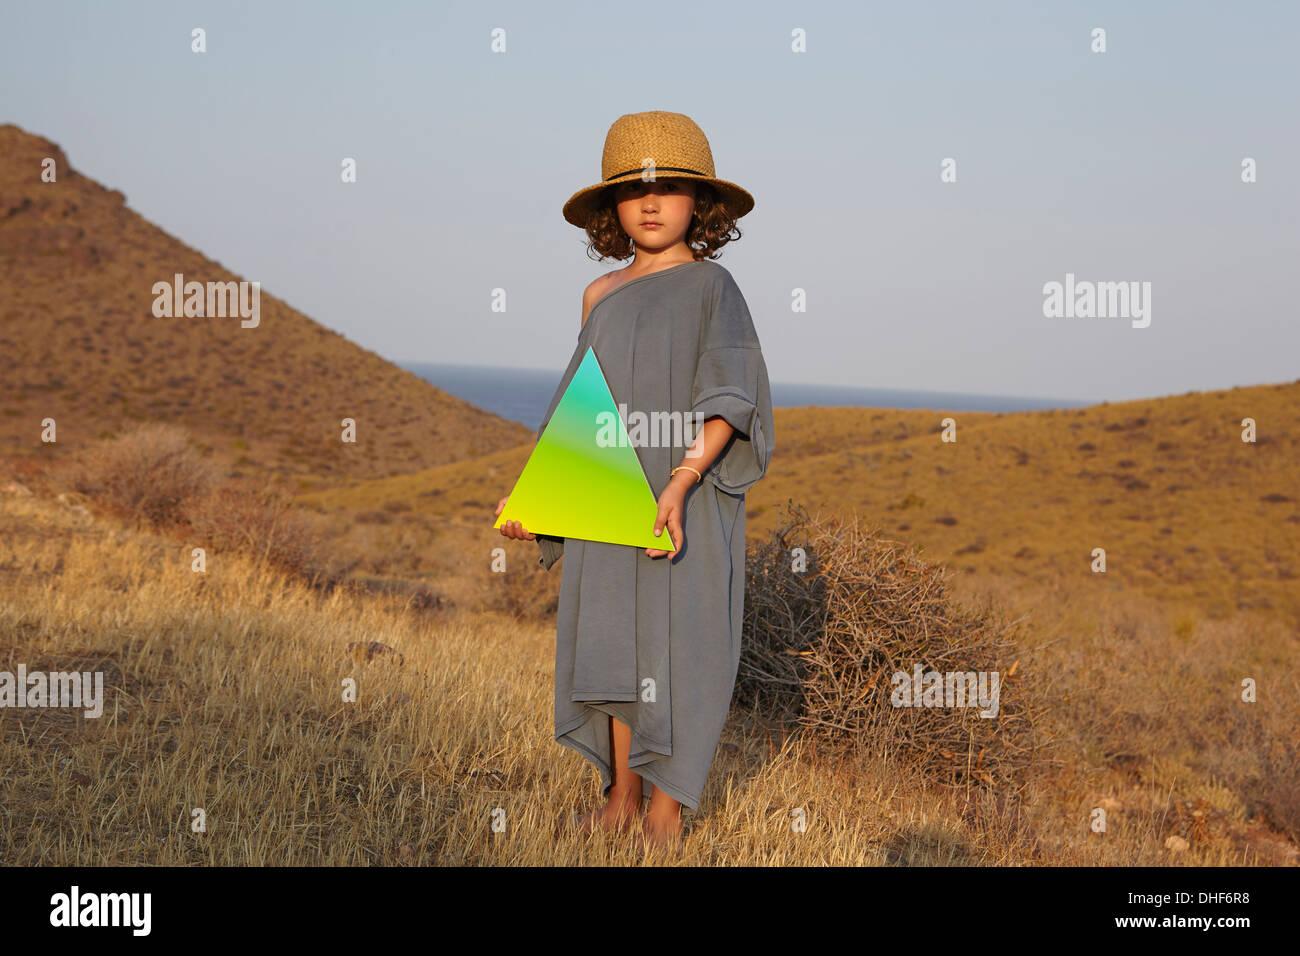 Ritratto di ragazza con forma triangolare nel campo Immagini Stock